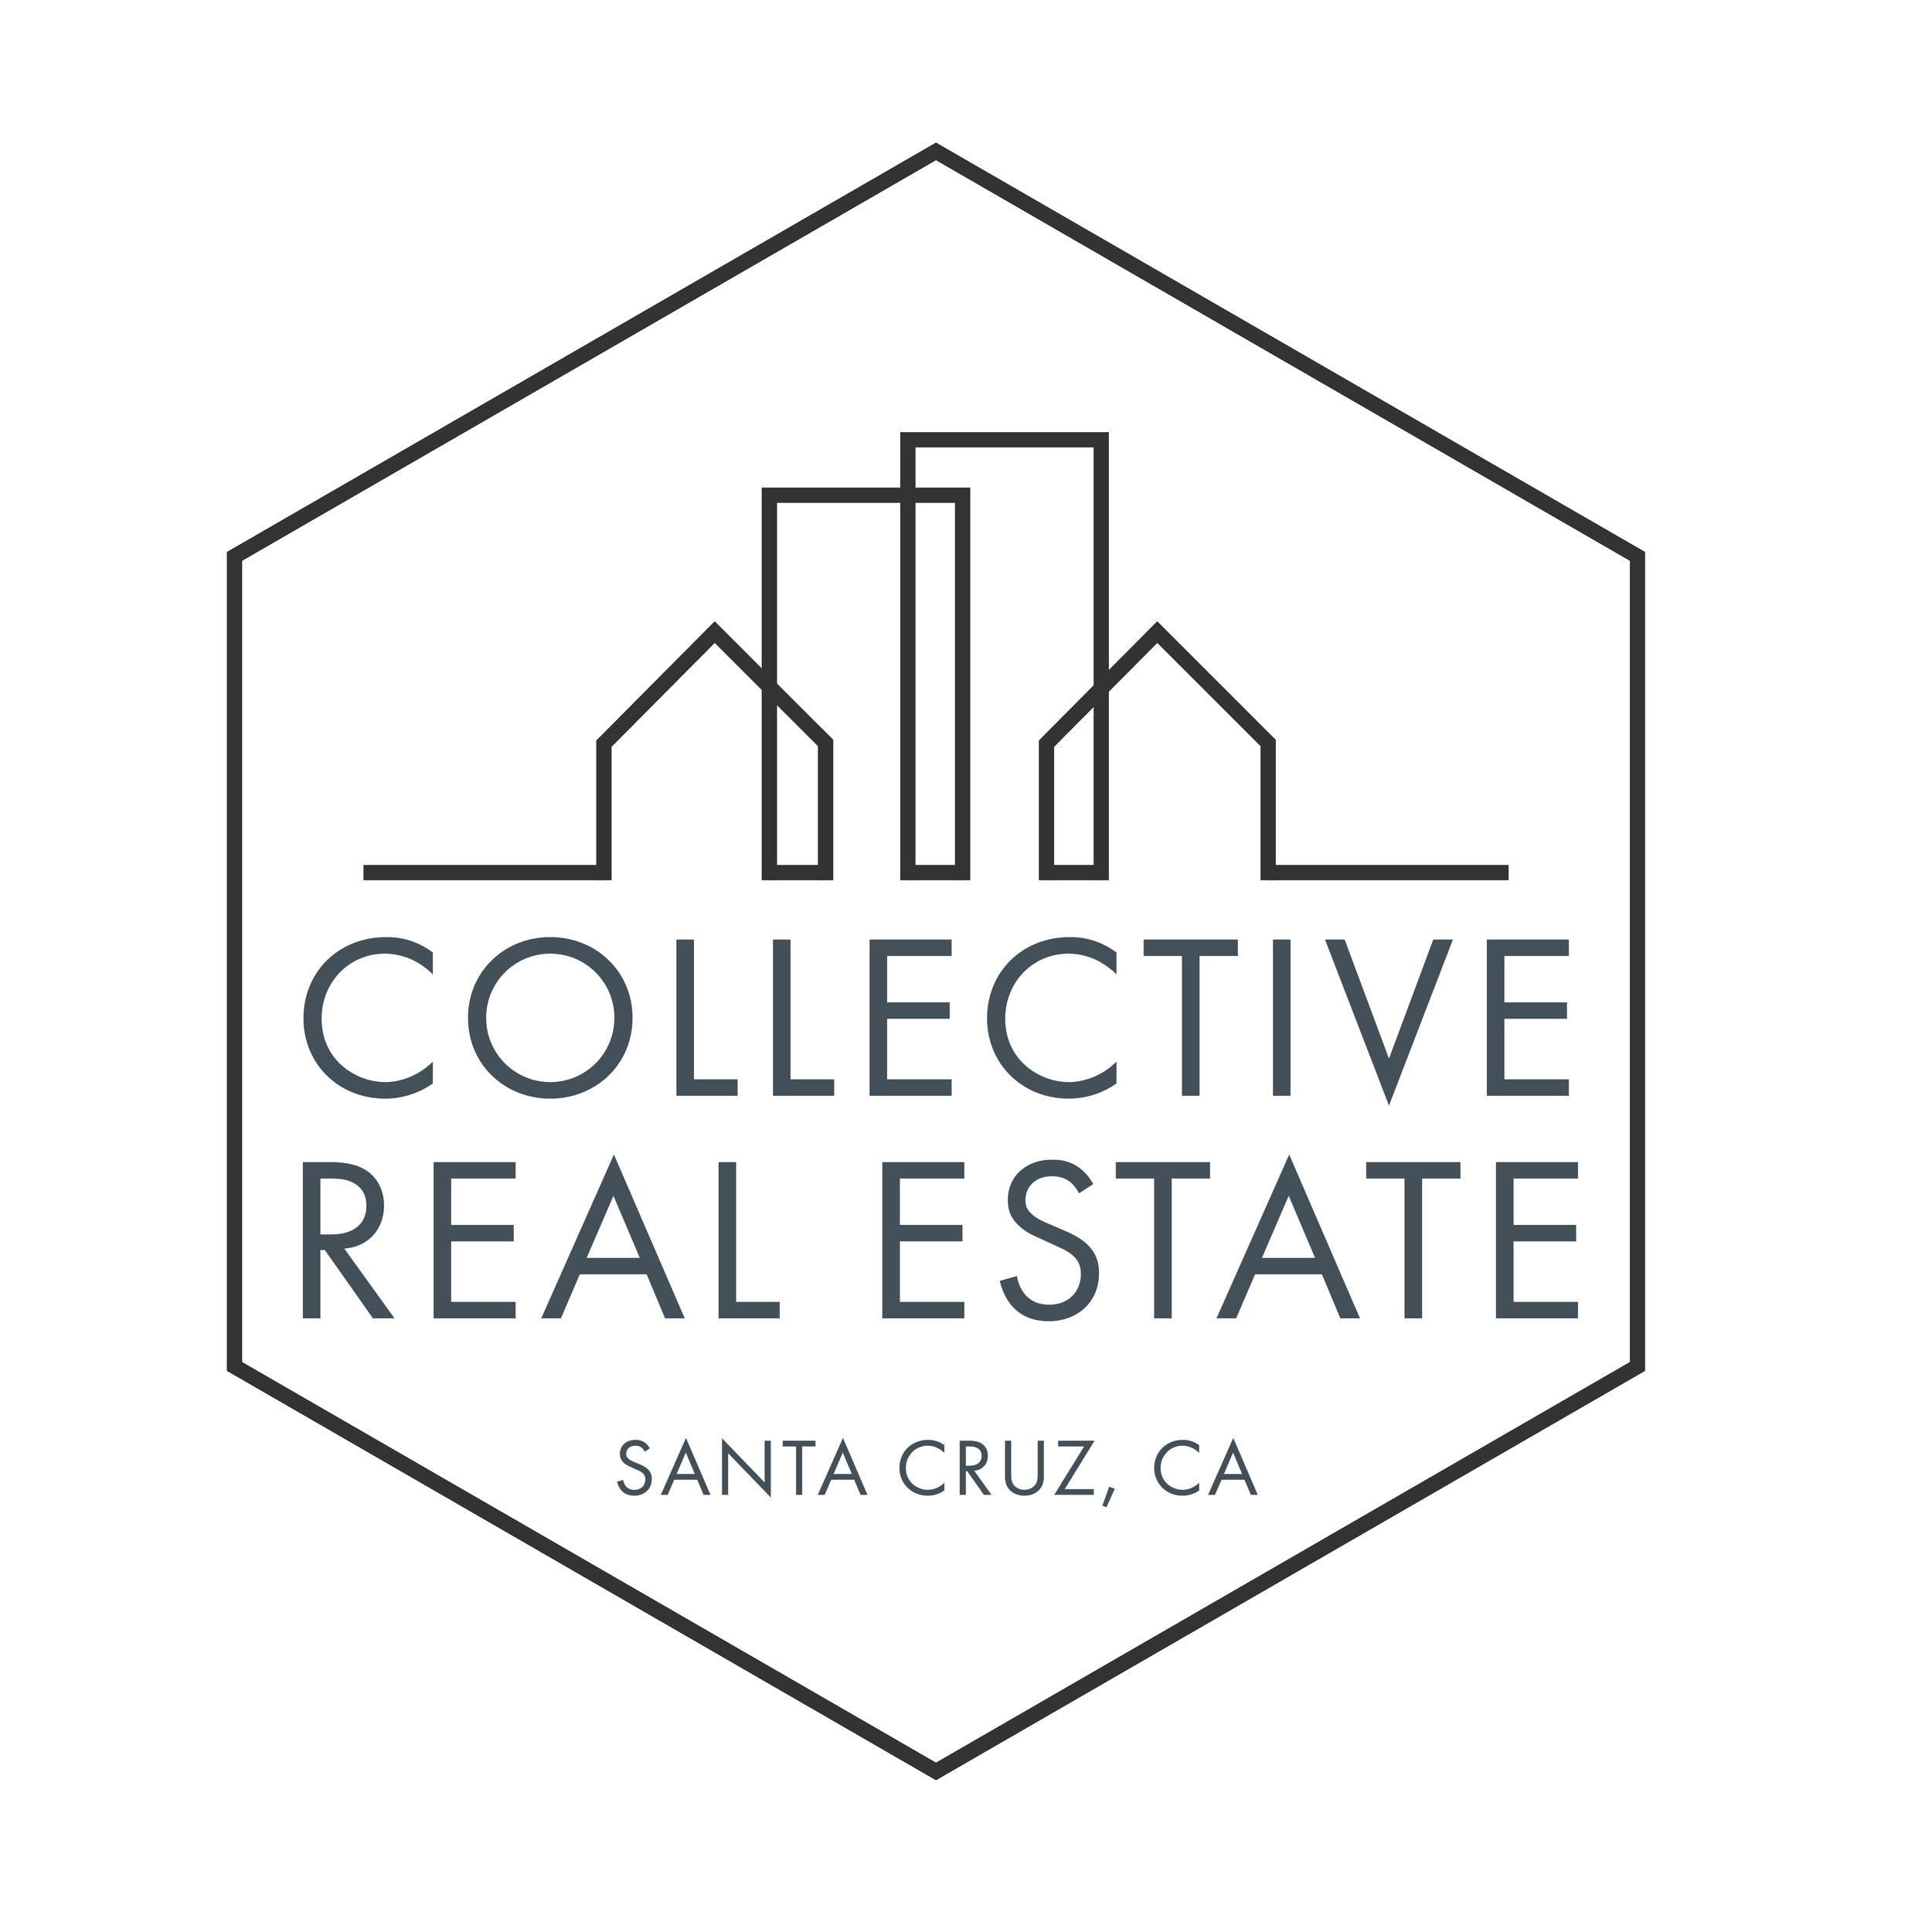 Collective Real Estate Hexagon Logo _ Santa Cruz CA.jpg